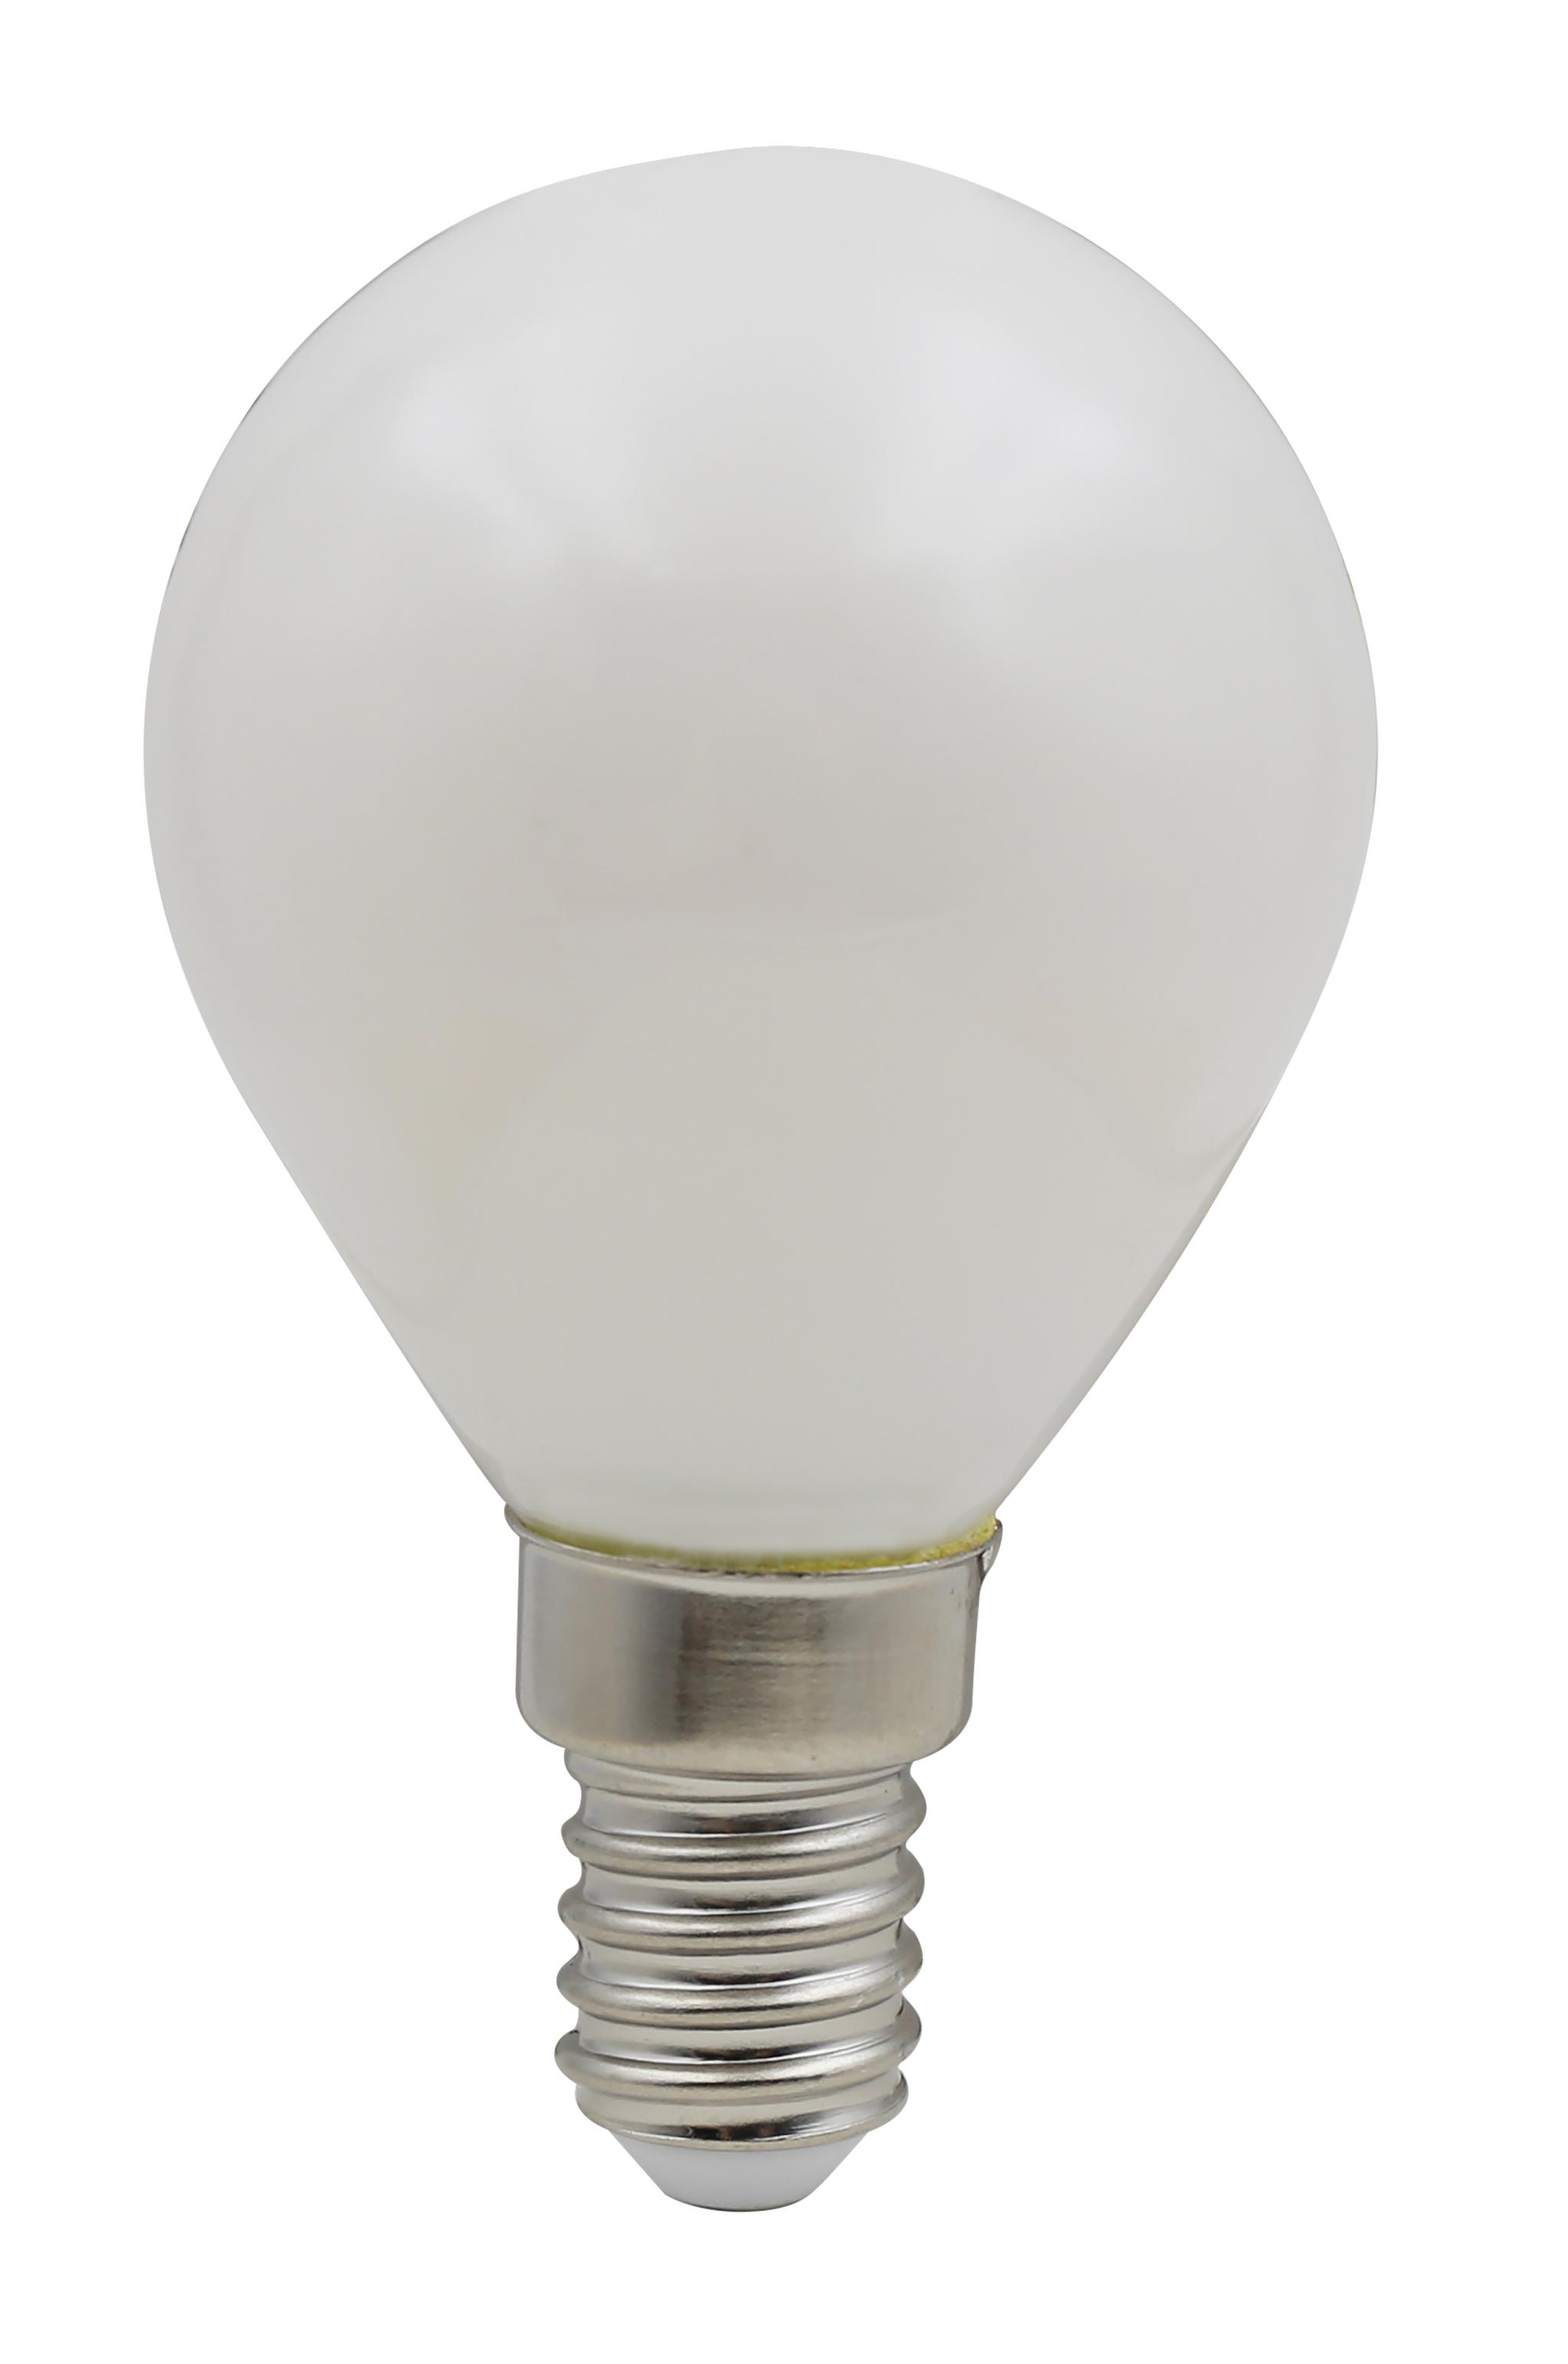 LED   LEUCHTMITTEL   Leuchtmittel   Produkte   Globo Lighting   Leuchten   Lampen   online kaufen